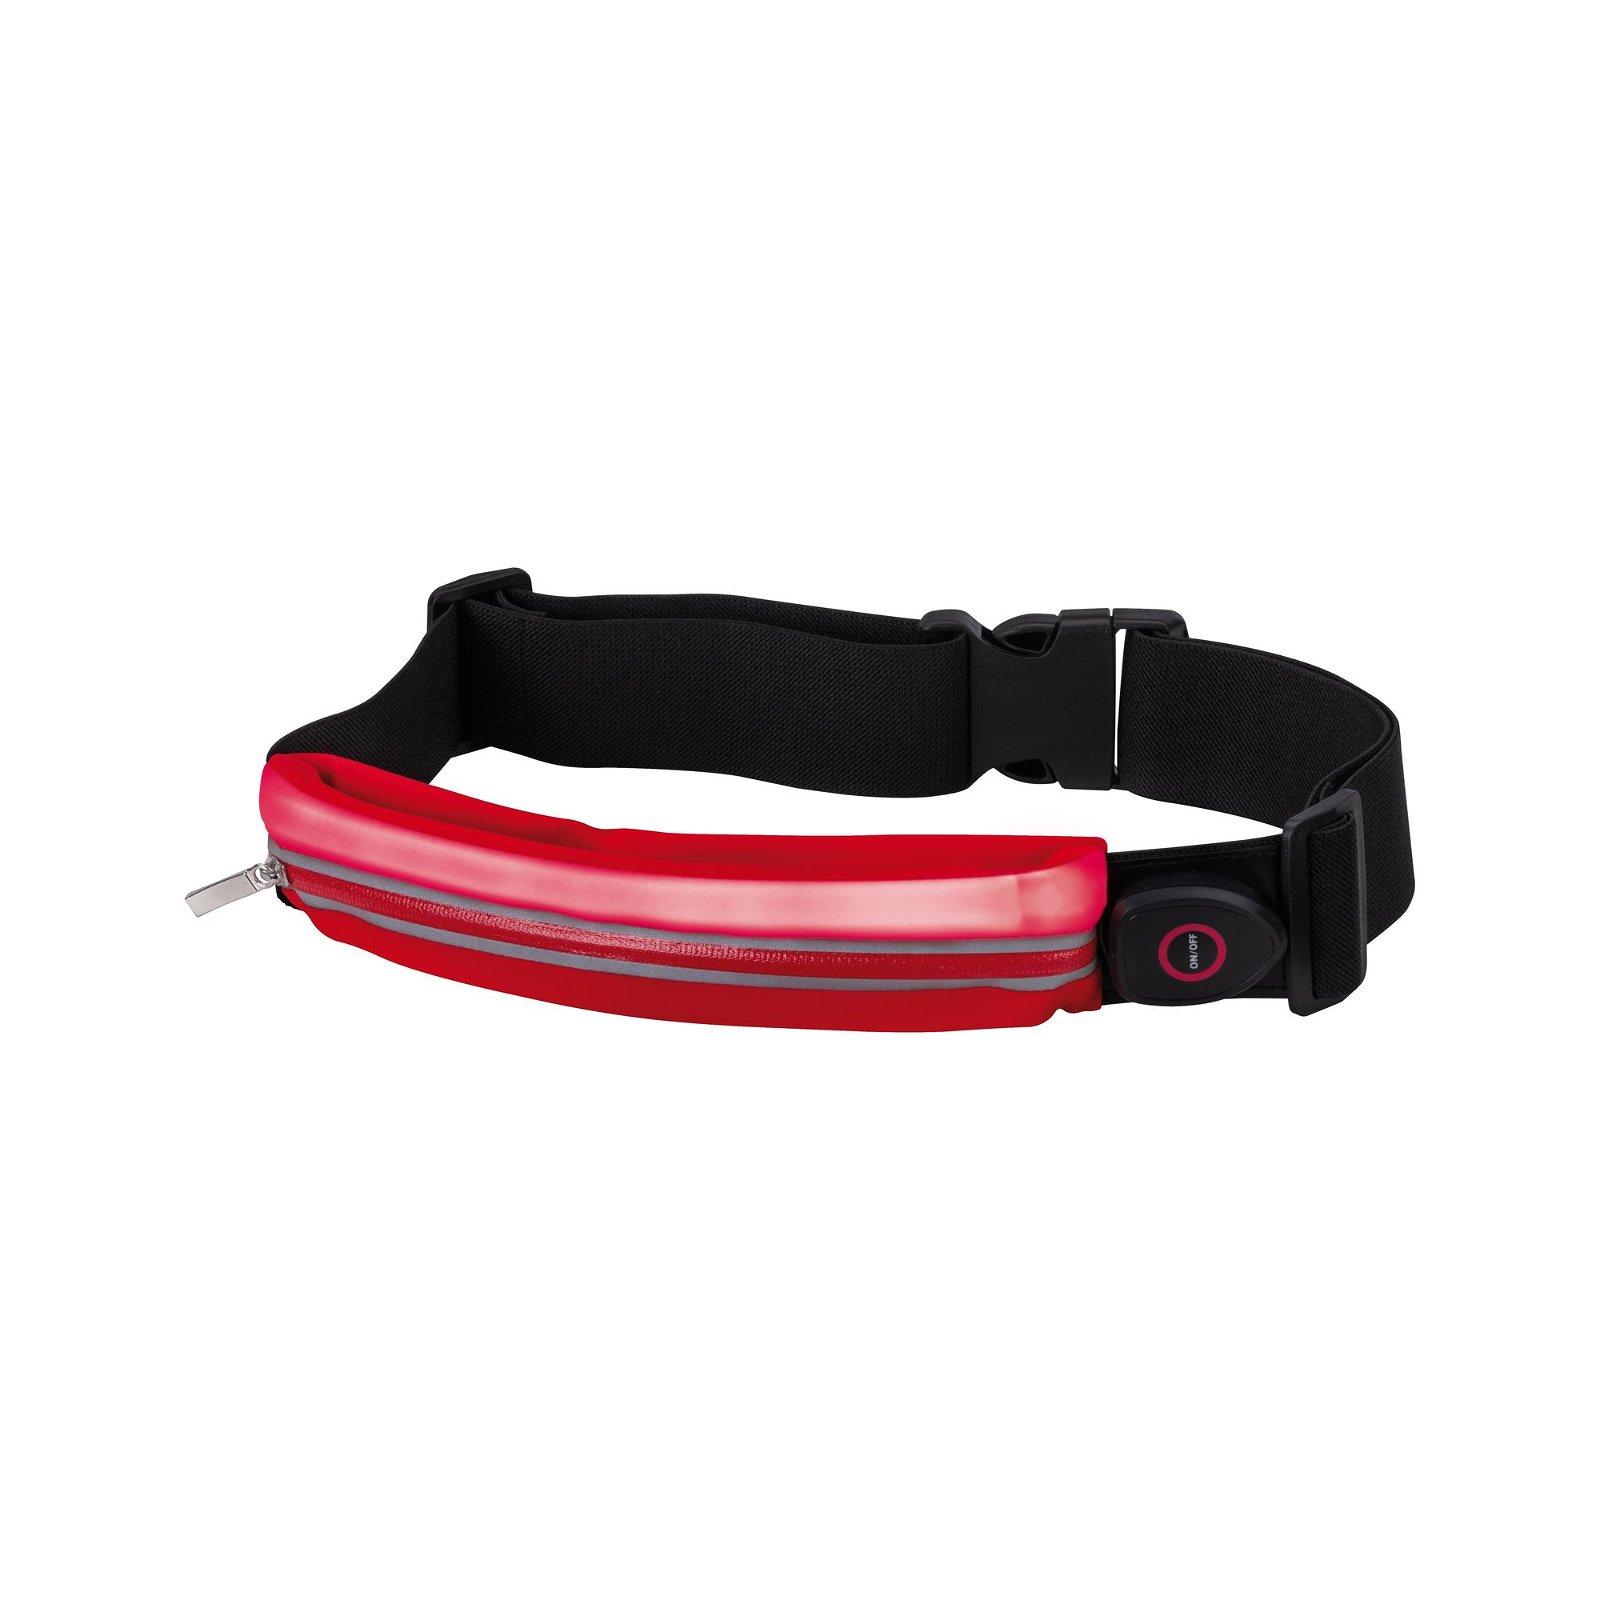 Sportlicht Laufgurt mit Smartphone-Fach Rot